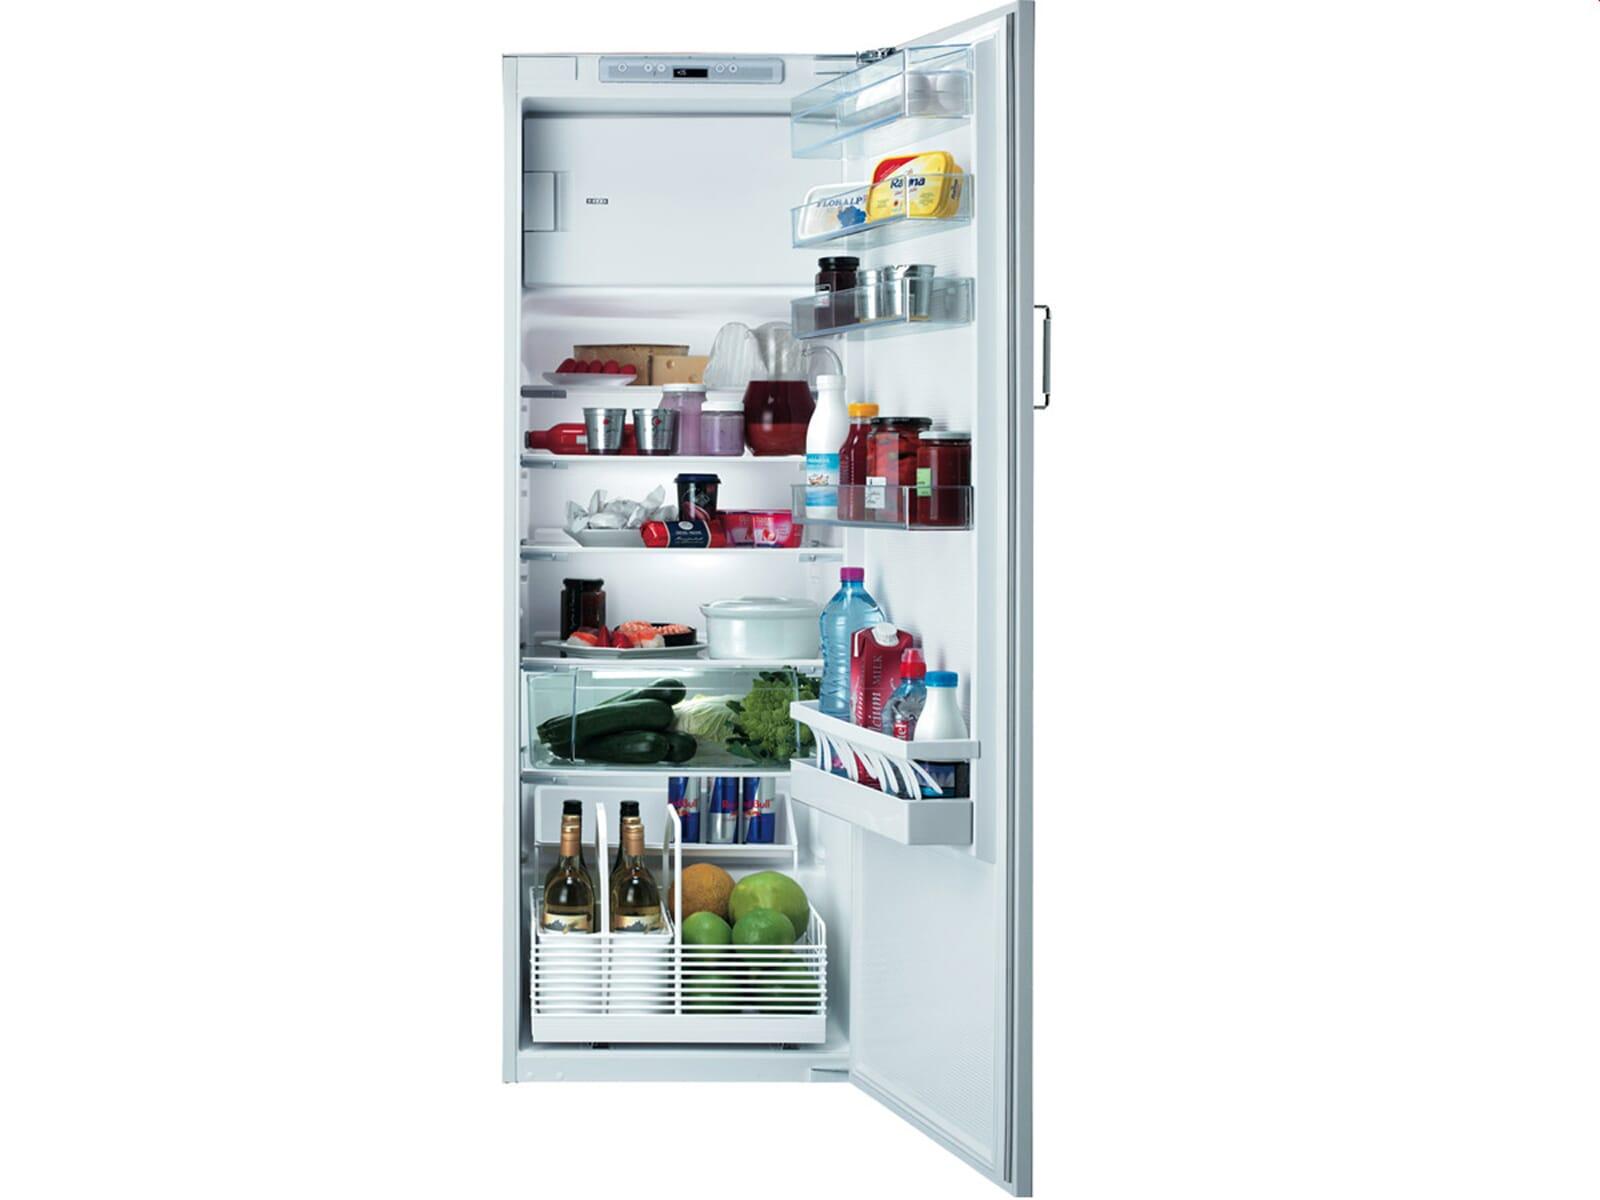 Aeg Kühlschrank Mit Kellerfach : Einbaukühlschrank cm kühlschrank liebherr einbau